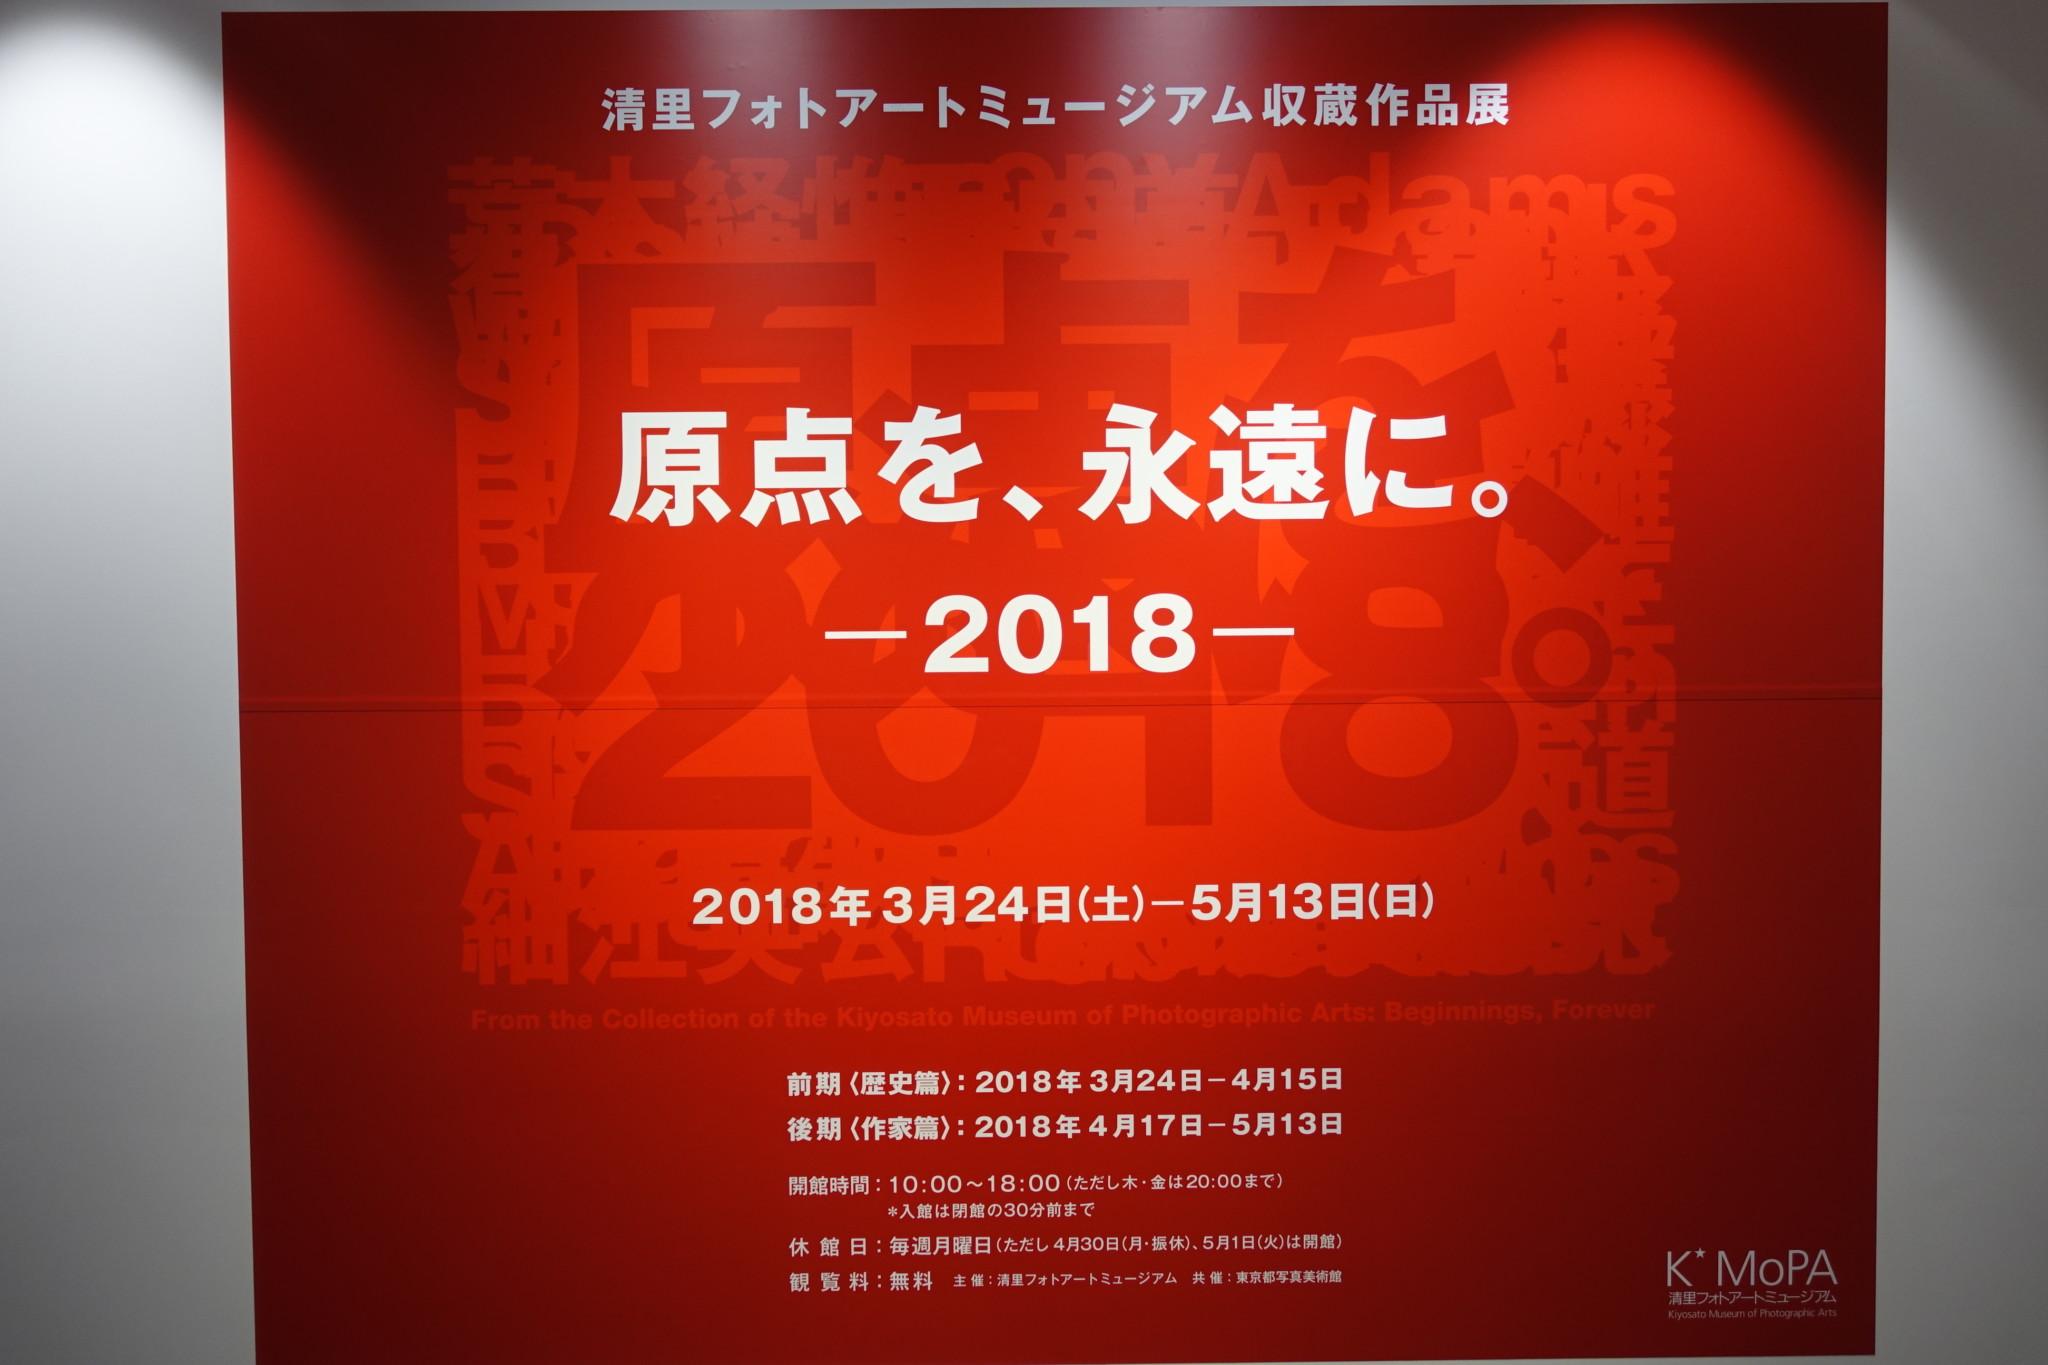 清里フォトアートミュージアム収蔵作品展 原点を、永遠に。-2018-